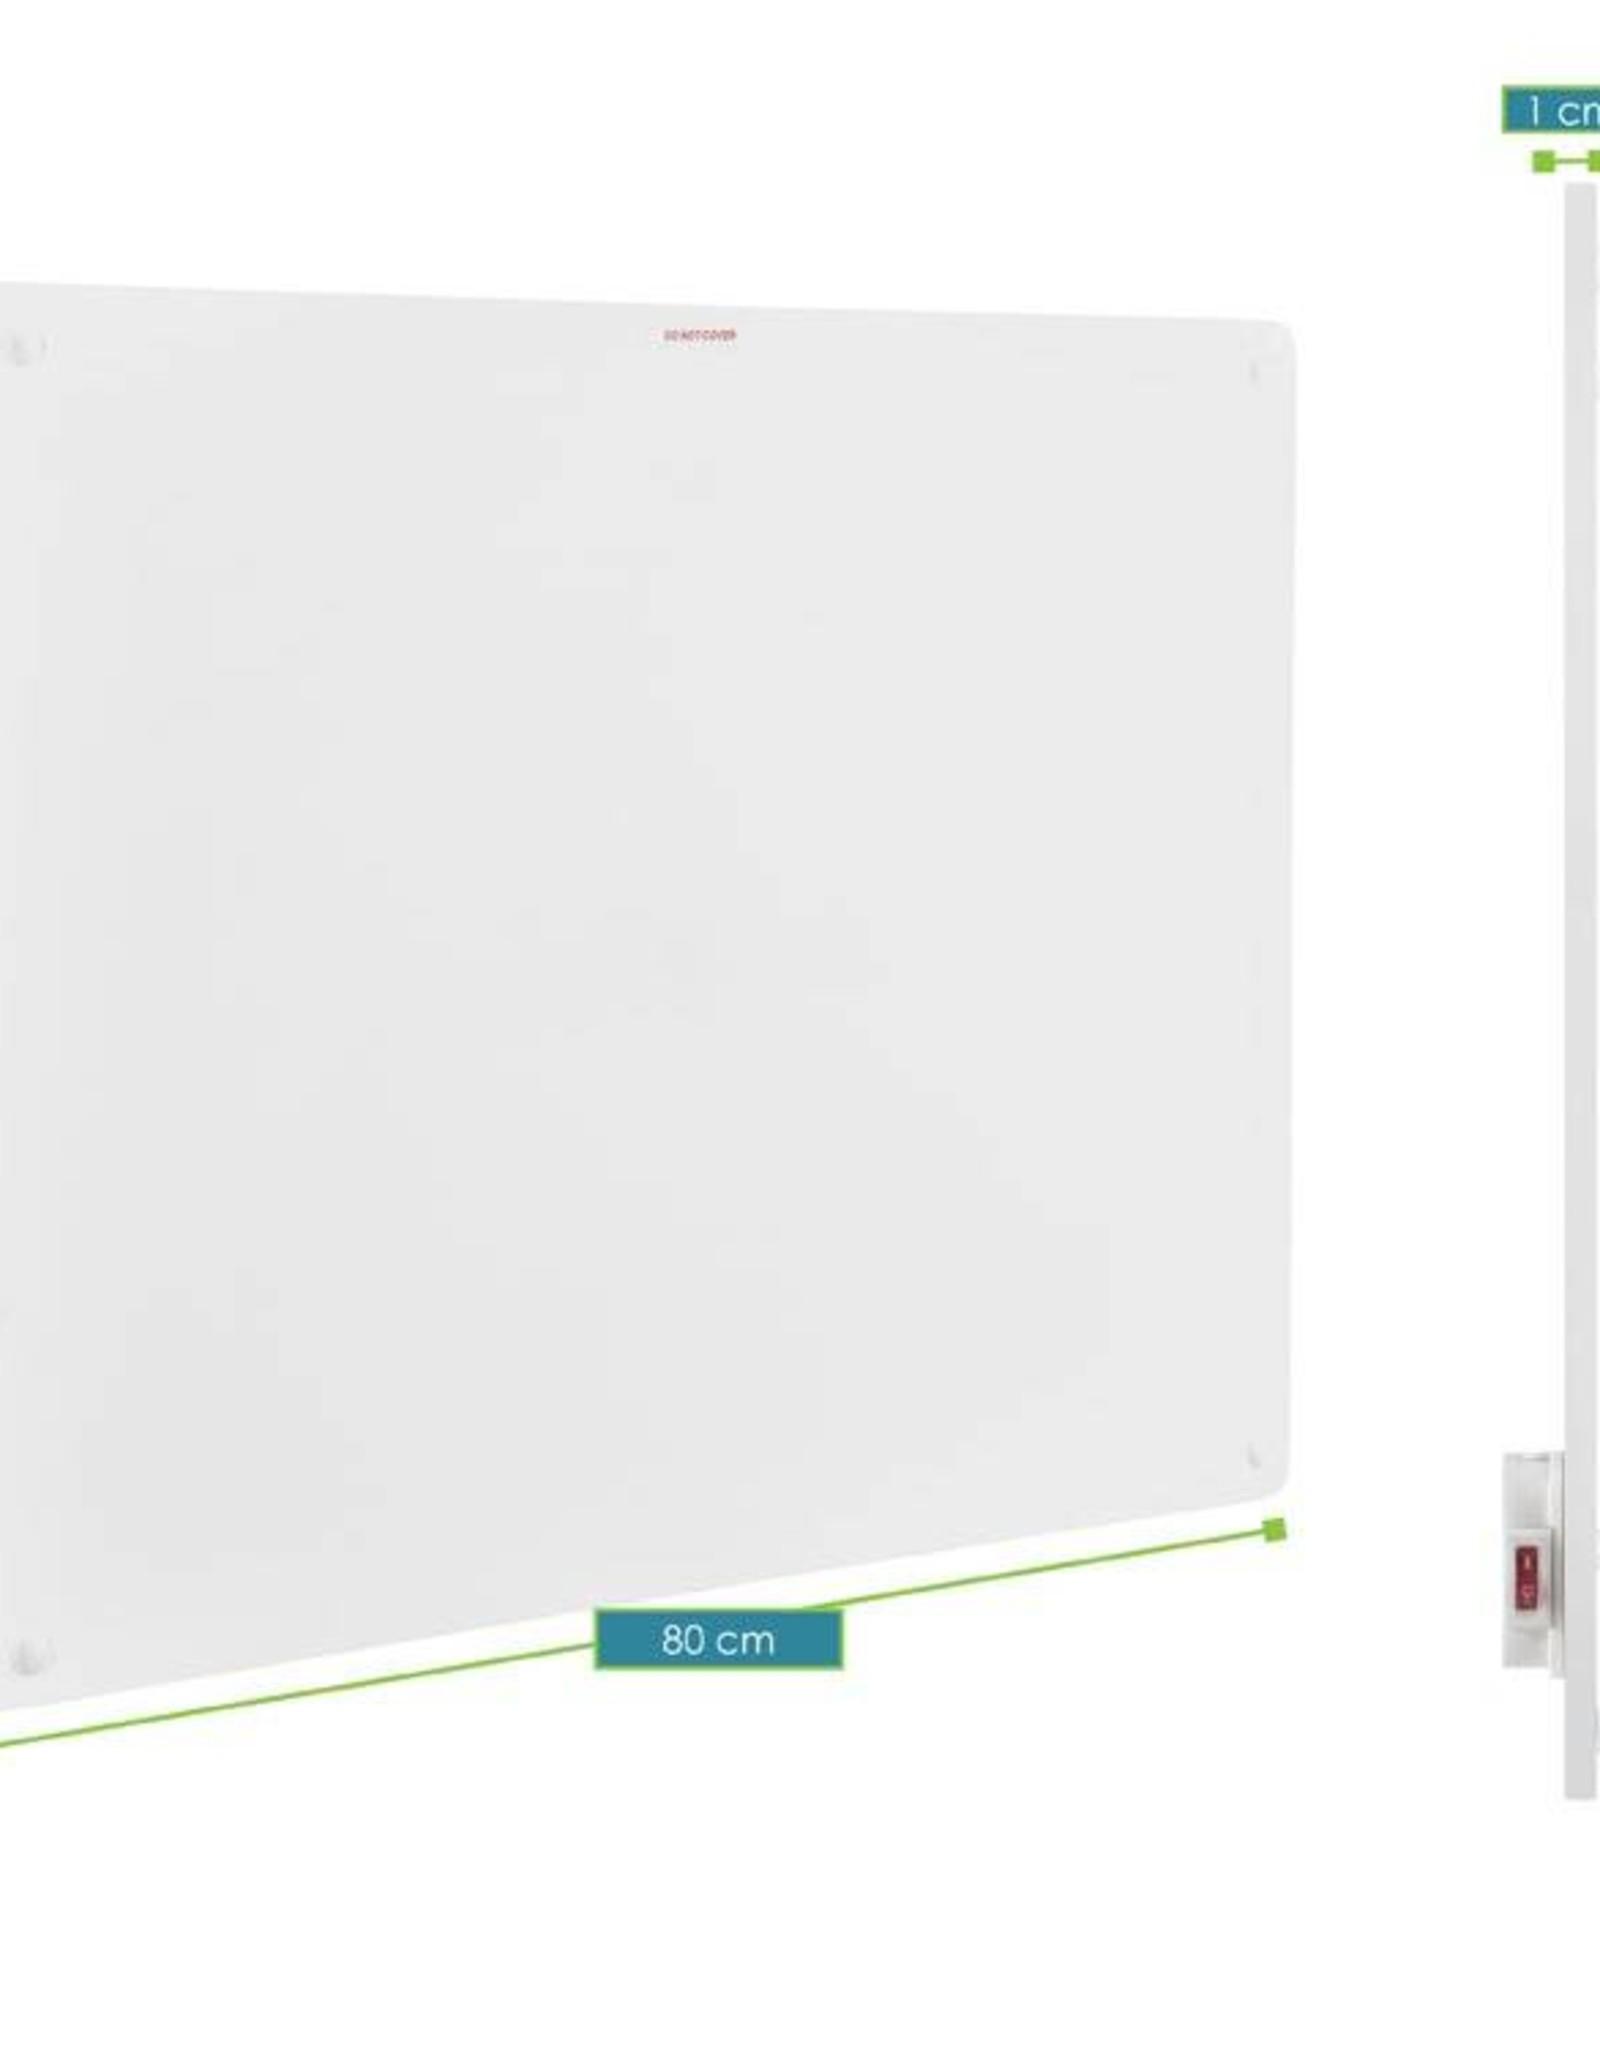 Infrarood heater verwarmingspaneel 550W